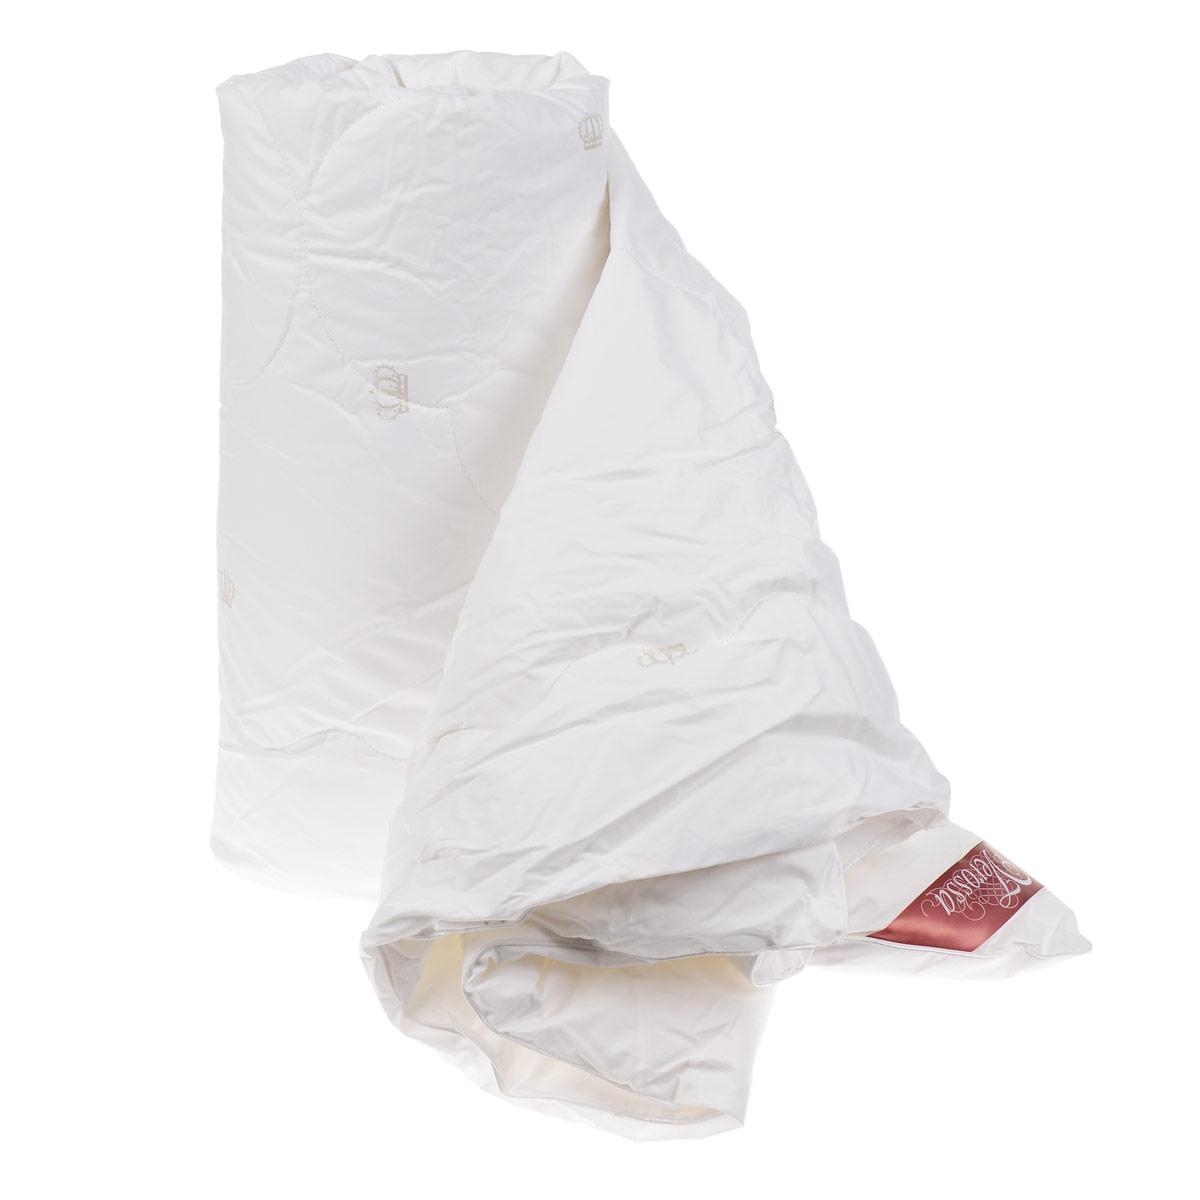 Одеяло Verossa, наполнитель: лебяжий пух, цвет: белый, 172 х 205 см157823Одеяло Verossa - стильная и комфортная постельная принадлежность, которая подарит уют и позволит окунуться в здоровый и спокойный сон. Чехол одеяла выполнен из перкаля пуходержащего (100% хлопка). Внутри - наполнитель из искусственного лебяжьего пуха, который является аналогом натурального пуха и представляет собой сверхтонкое волокно нового поколения. Благодаря этому одеяло очень мягкое и легкое, не накапливает пыль и запахи. Важным преимуществом является гипоаллергенность наполнителя, поэтому одеяло отлично подходит как взрослым, так и детям. Легкое и объемное, оно имеет среднюю степень теплоты и отличную терморегуляцию: под ним будет тепло зимой и не жарко летом. Одеяло просто в уходе, подходит для машинной стирки, быстро сохнет, отличается износостойкостью и практичностью. Материал чехла: перкаль пуходержащий (100% хлопок). Наполнитель: искусственный лебяжий пух (100% полиэстер). Плотность наполнителя: 150 г/м2. ...